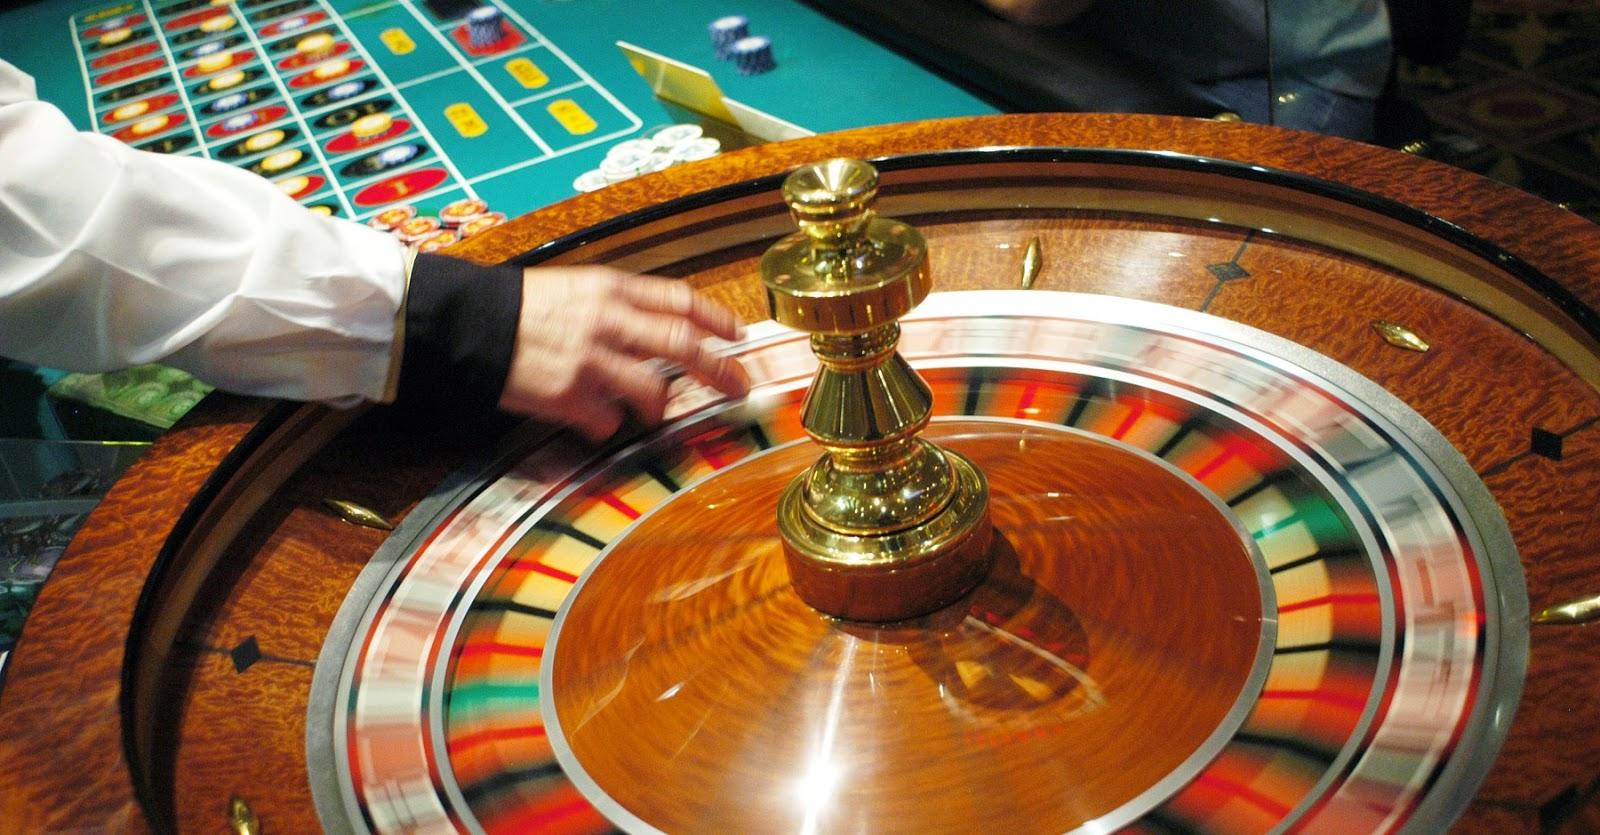 Las estrategias en la ruleta, noticias de casinos